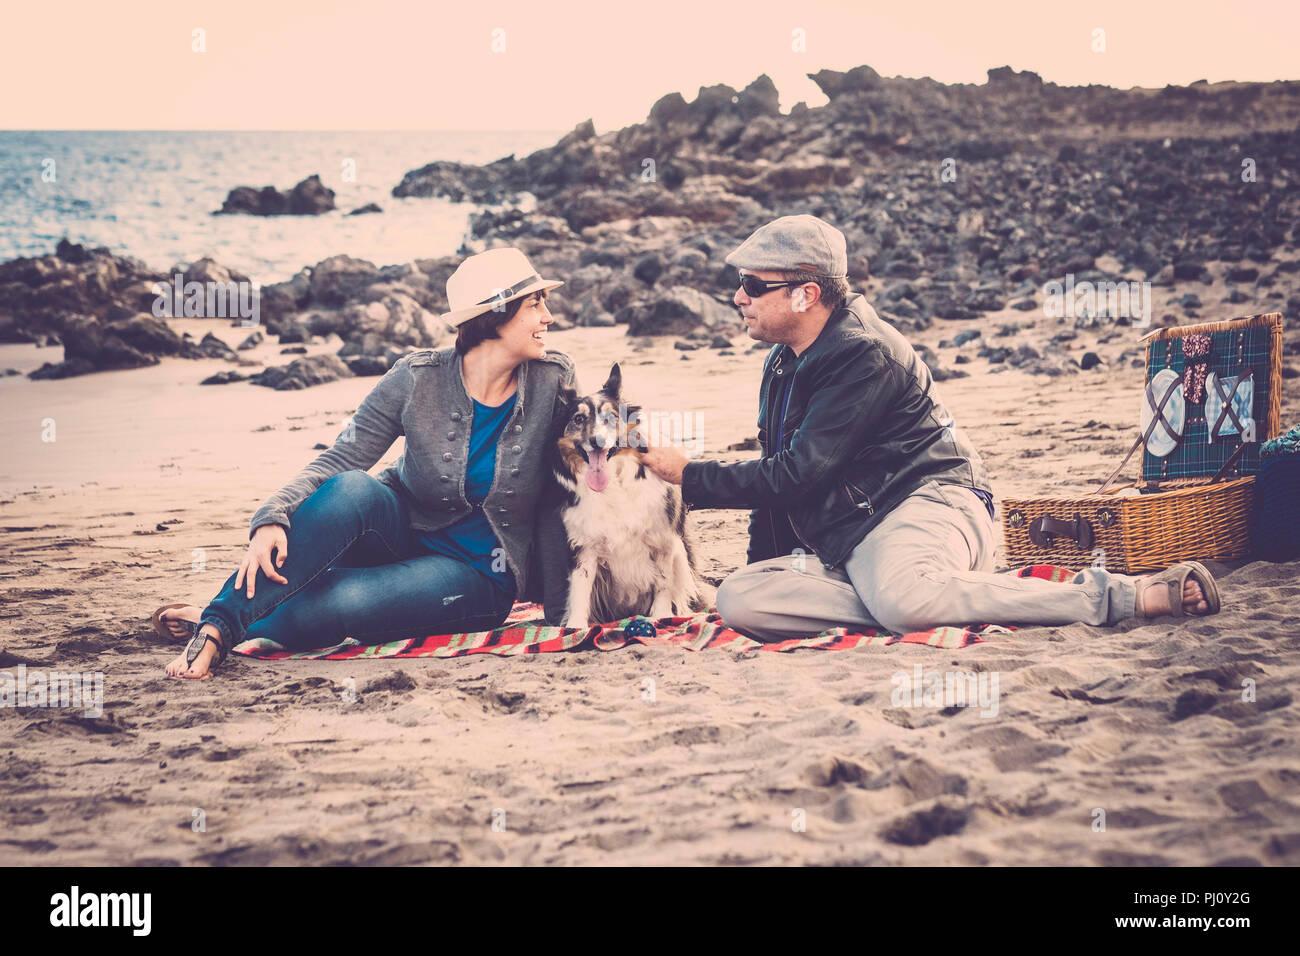 Bonito grupo de perro, un hombre y una mujer jóvenes divirtiéndonos juntos en la playa, hacer un picnic y disfrutar de la actividad de ocio al aire libre, la gente de moda. Imagen De Stock